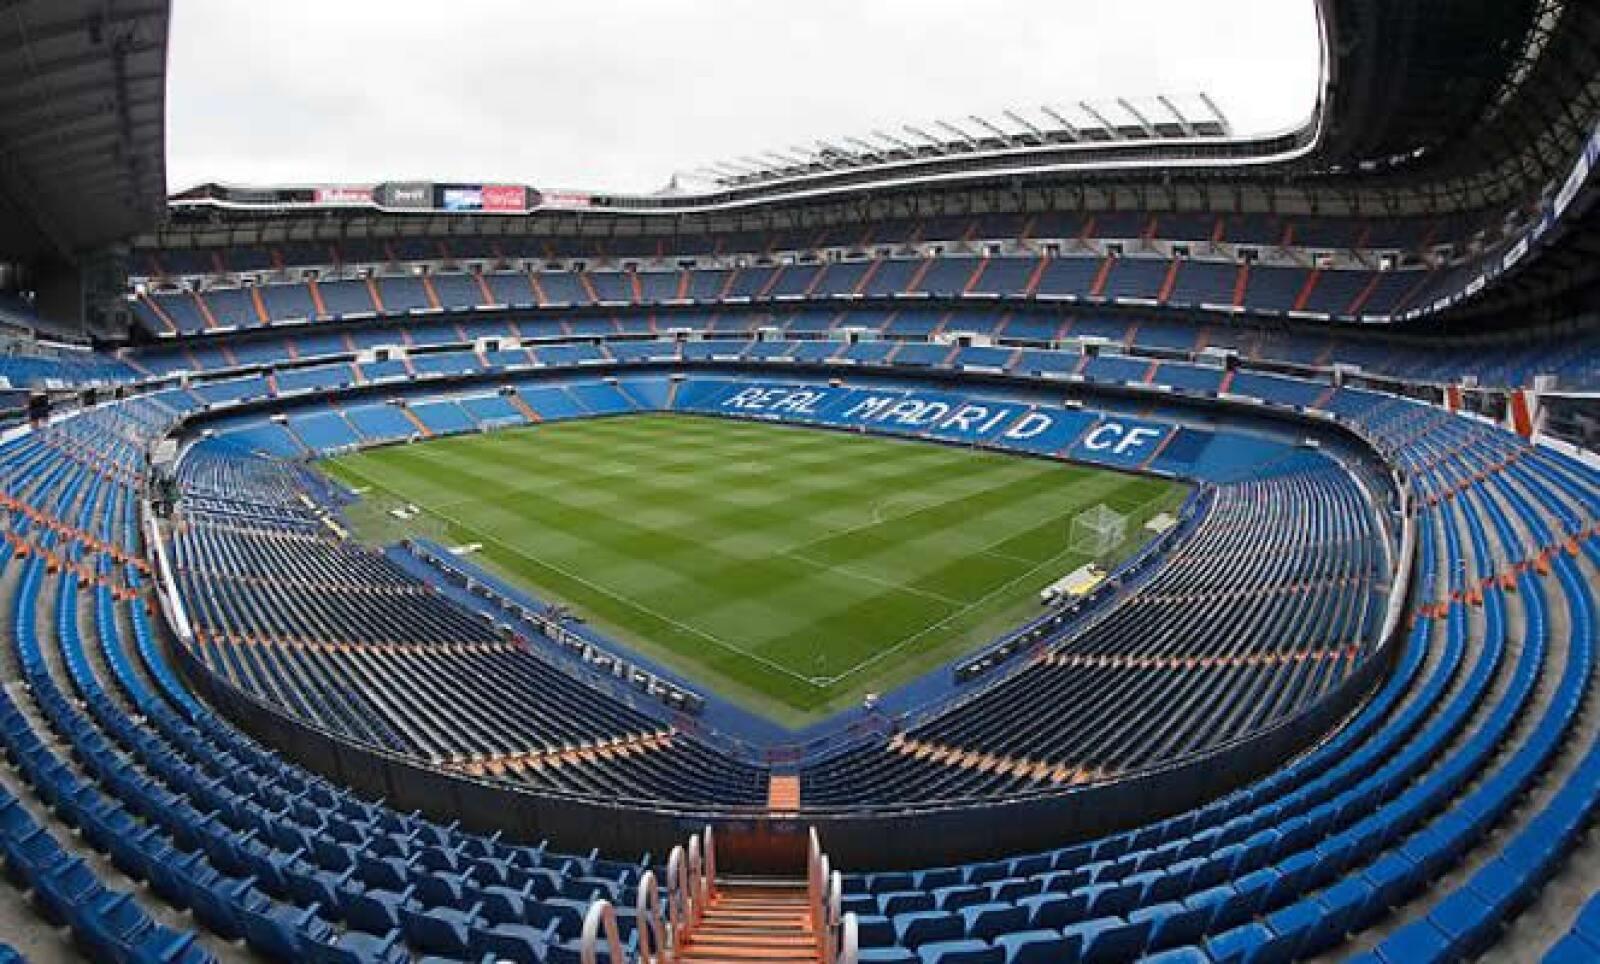 Actualmente el estadio tiene una capacidad de 85,454 personas.